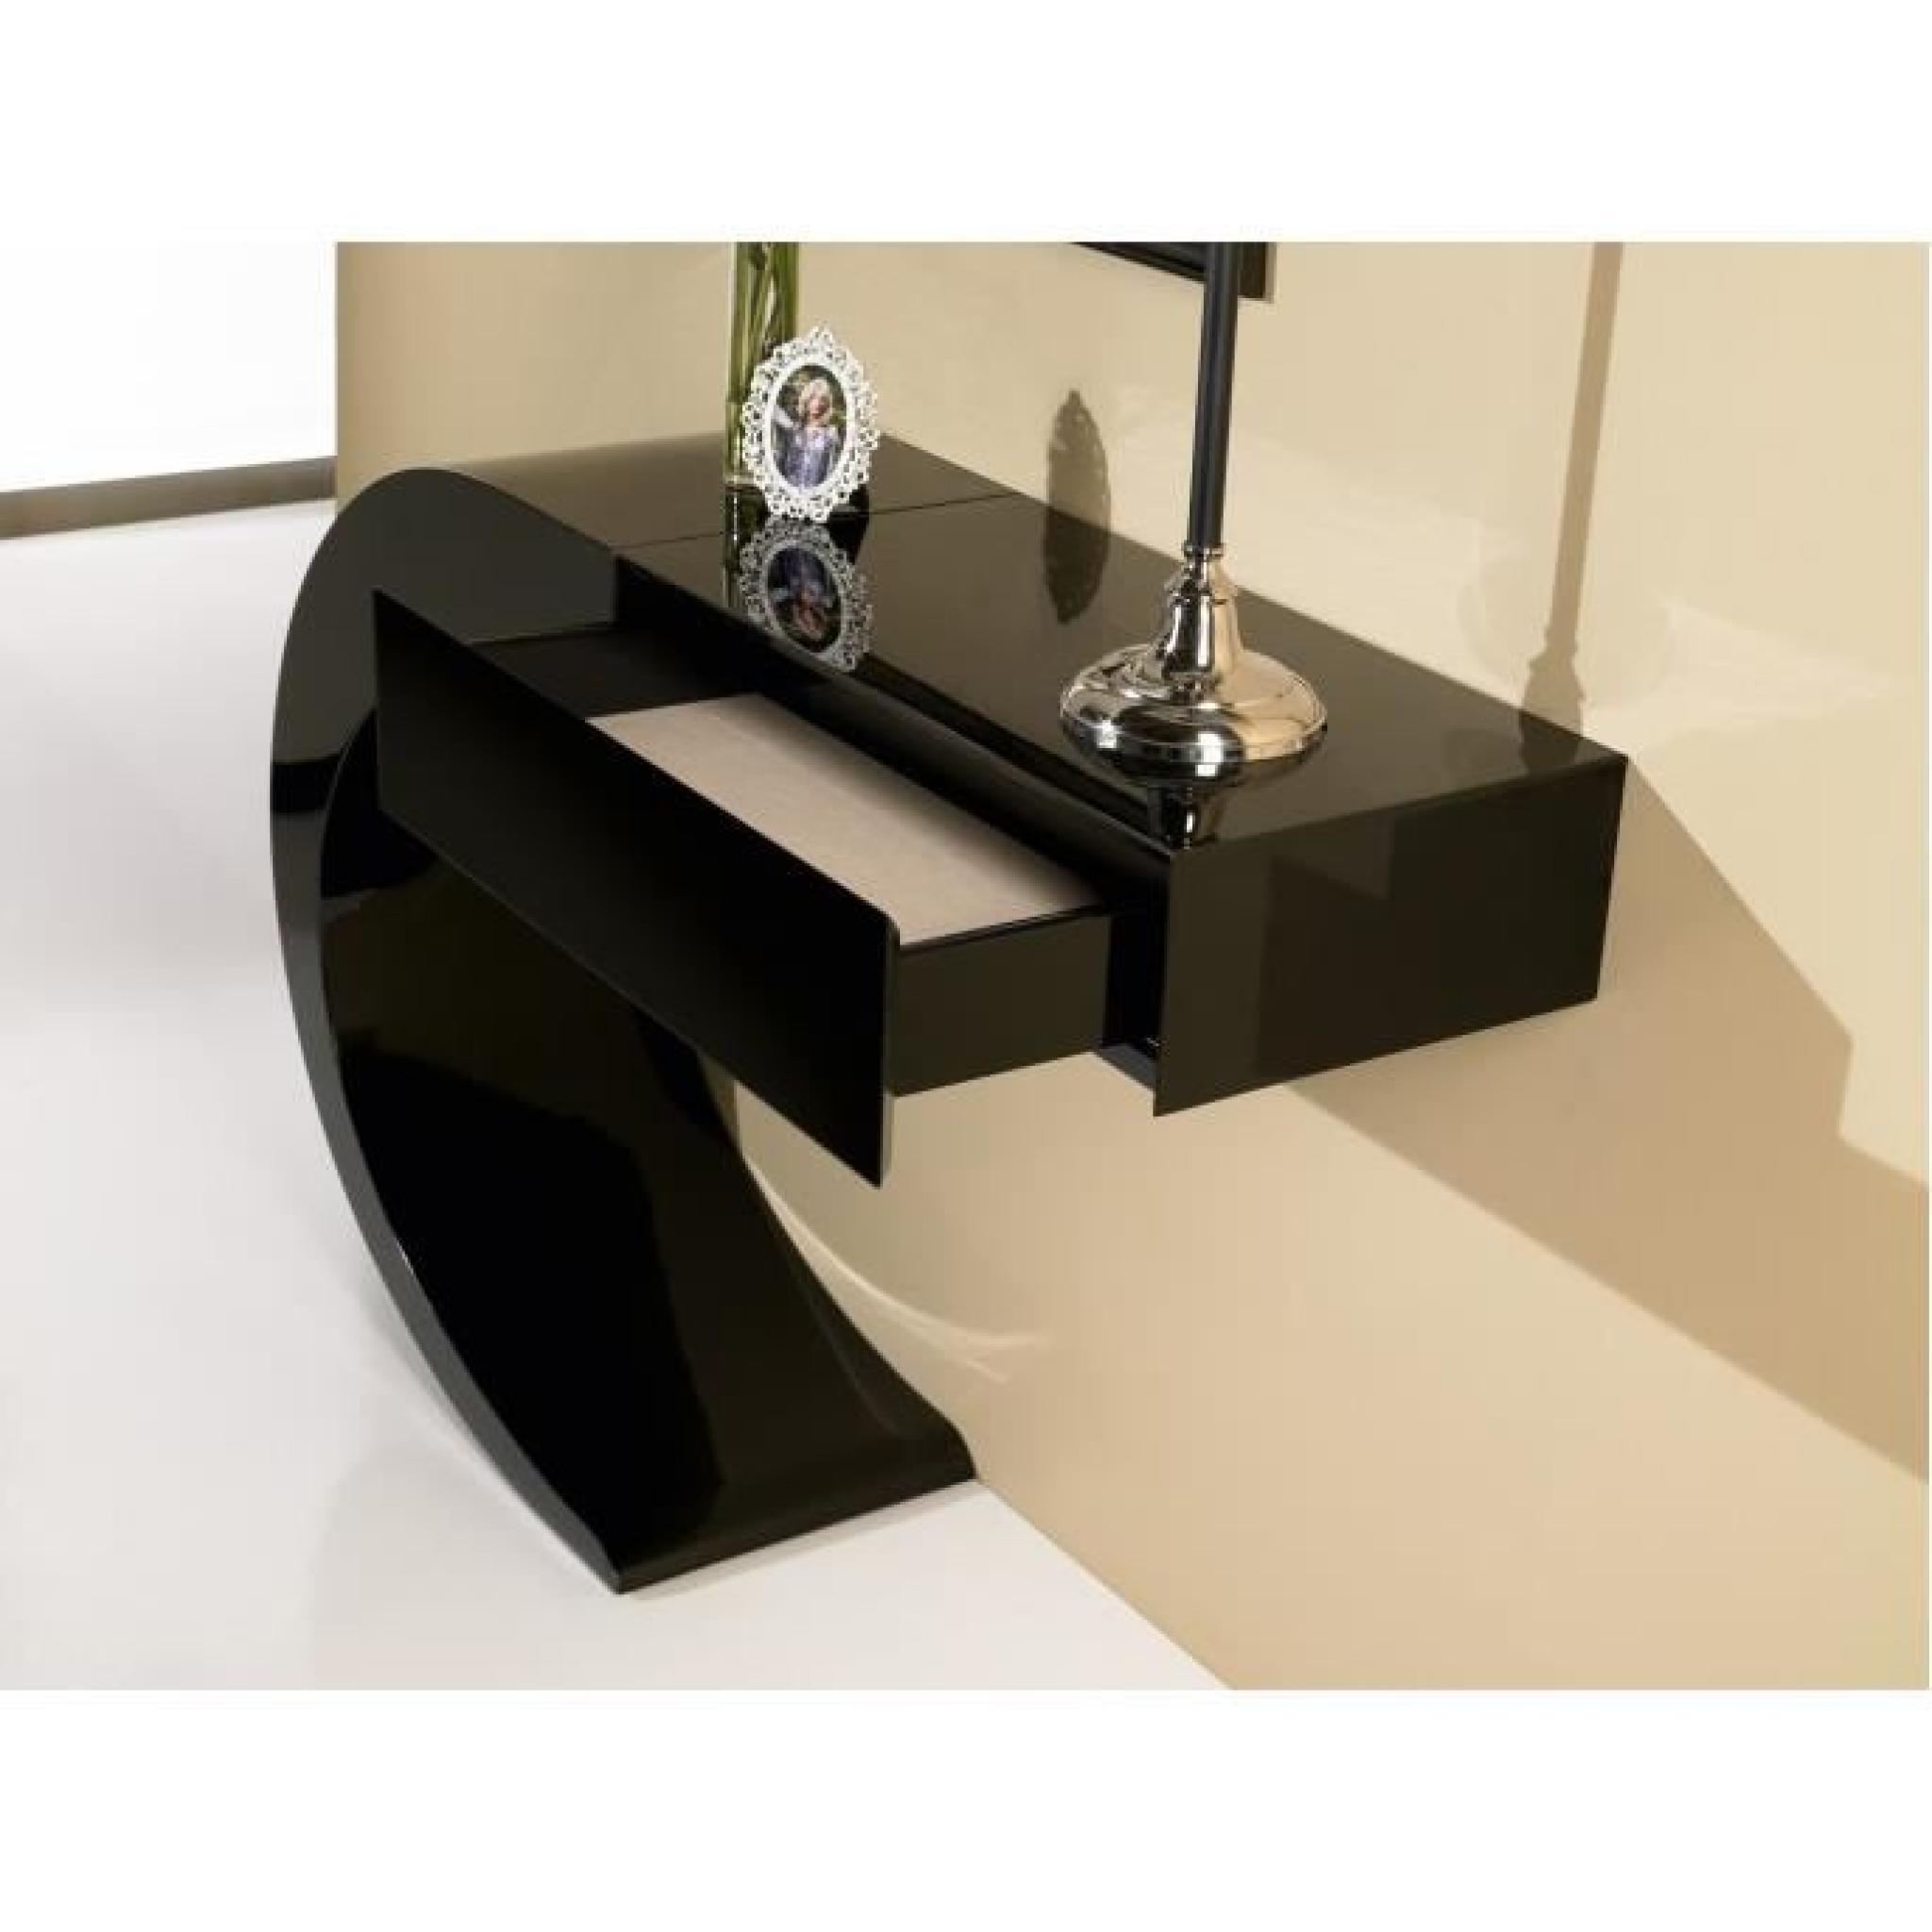 console design a rien noir laqu 1t ue achat vente console meuble pas cher couleur et. Black Bedroom Furniture Sets. Home Design Ideas